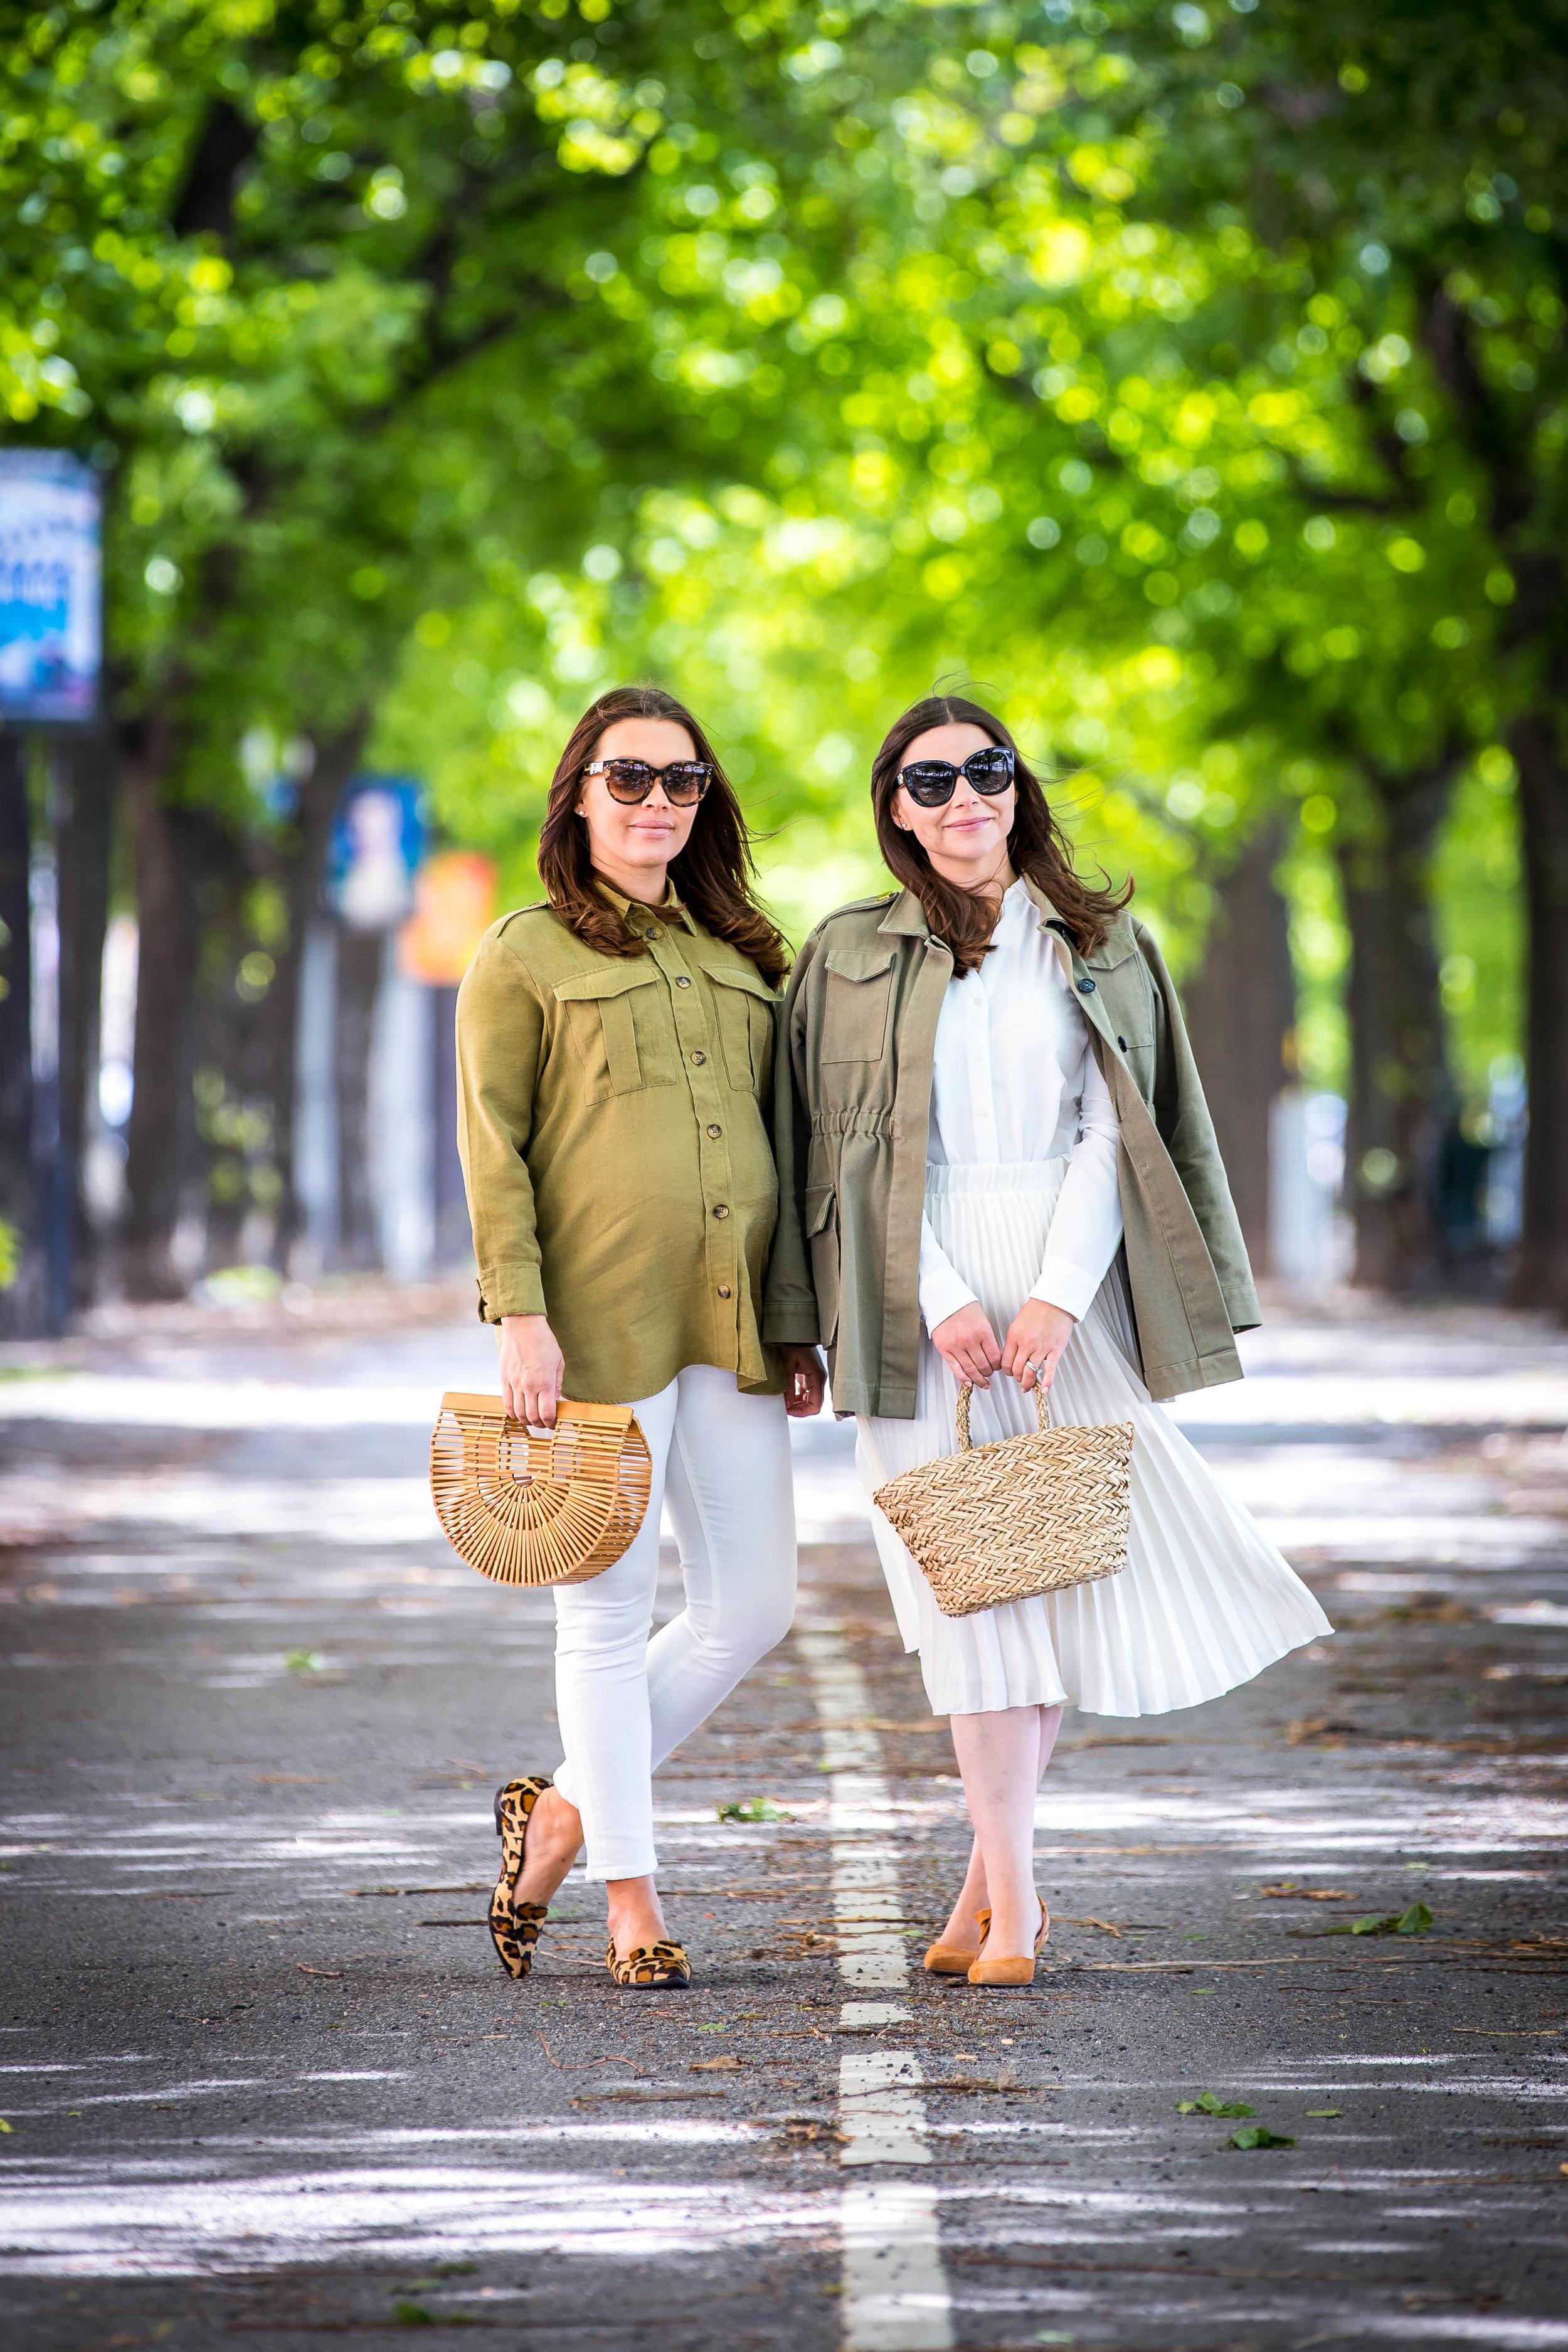 Angelica Aurell Anna-Karin mode saker stil vitt modeblogg stil.jpg